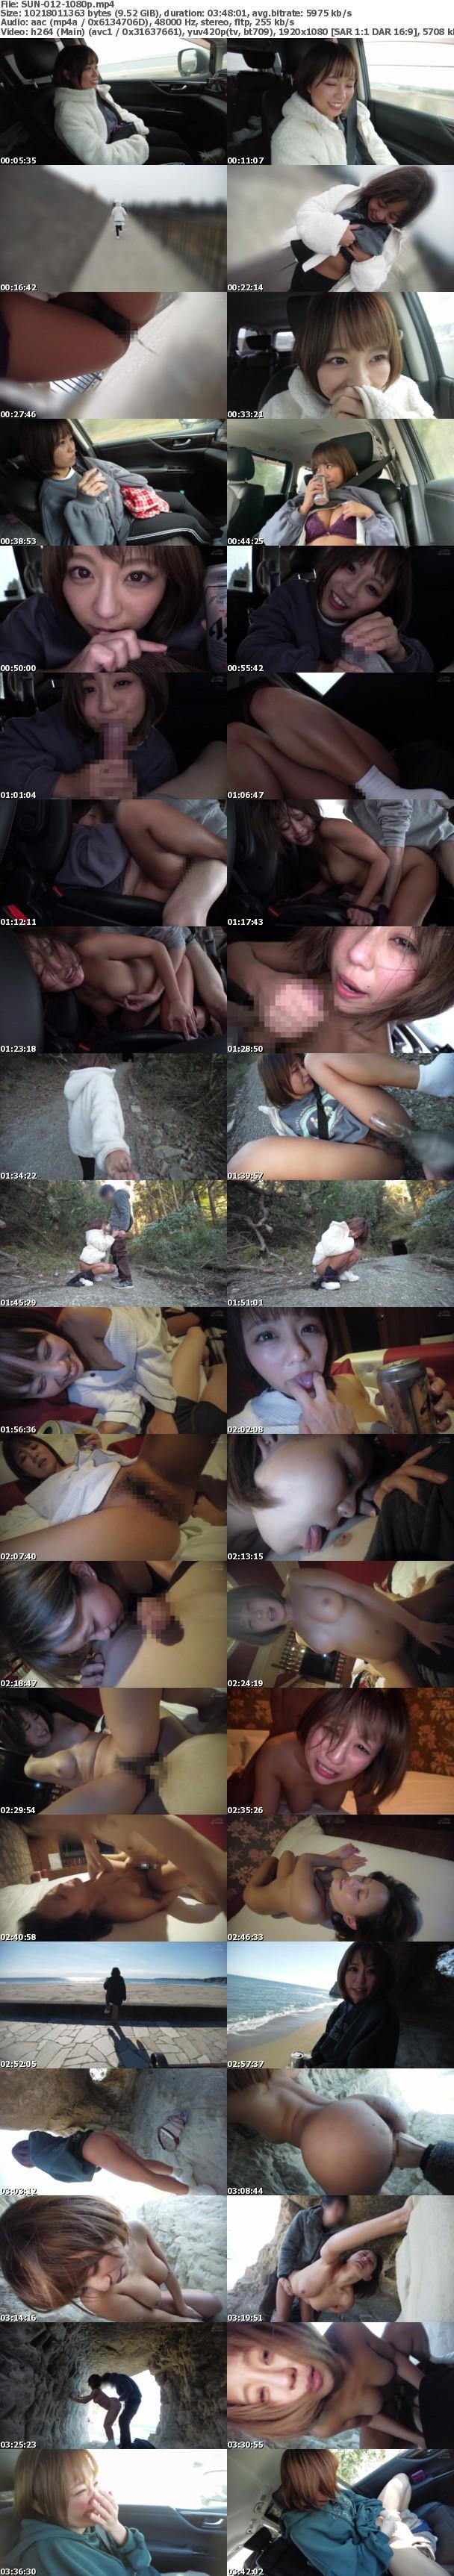 (Full HD) SUN-012 飲酒露出 お酒と精子を飲めば飲むほどヤリマンになる元気娘 暴走ナマ中出し